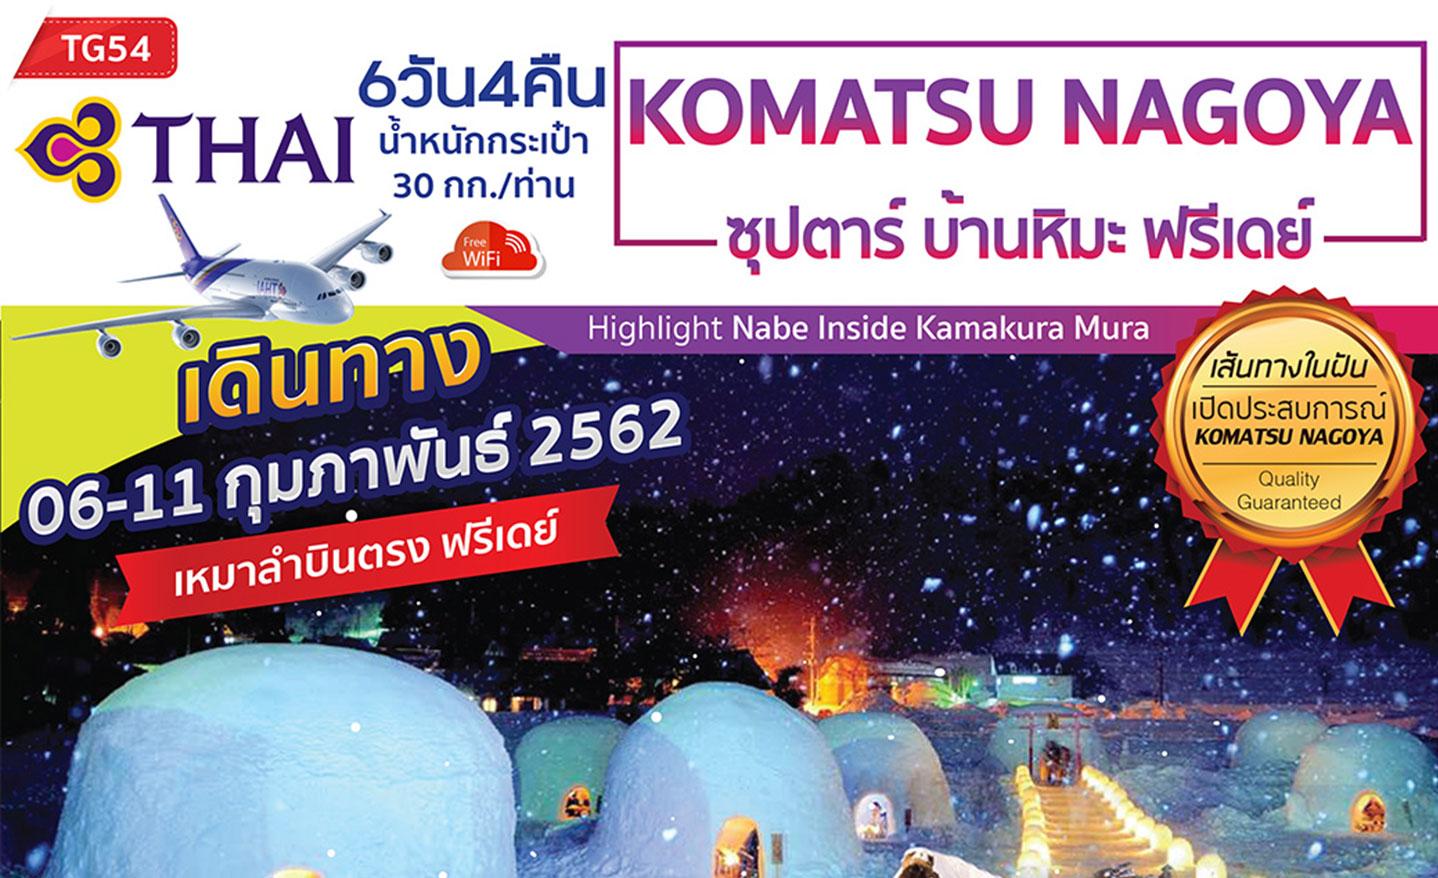 ทัวร์ณี่ปุ่น Komatsu Nagoya Toyama ซุปตาร์ บ้านหิมะ ฟรีเดย์ (6-11 ก.พ.62)